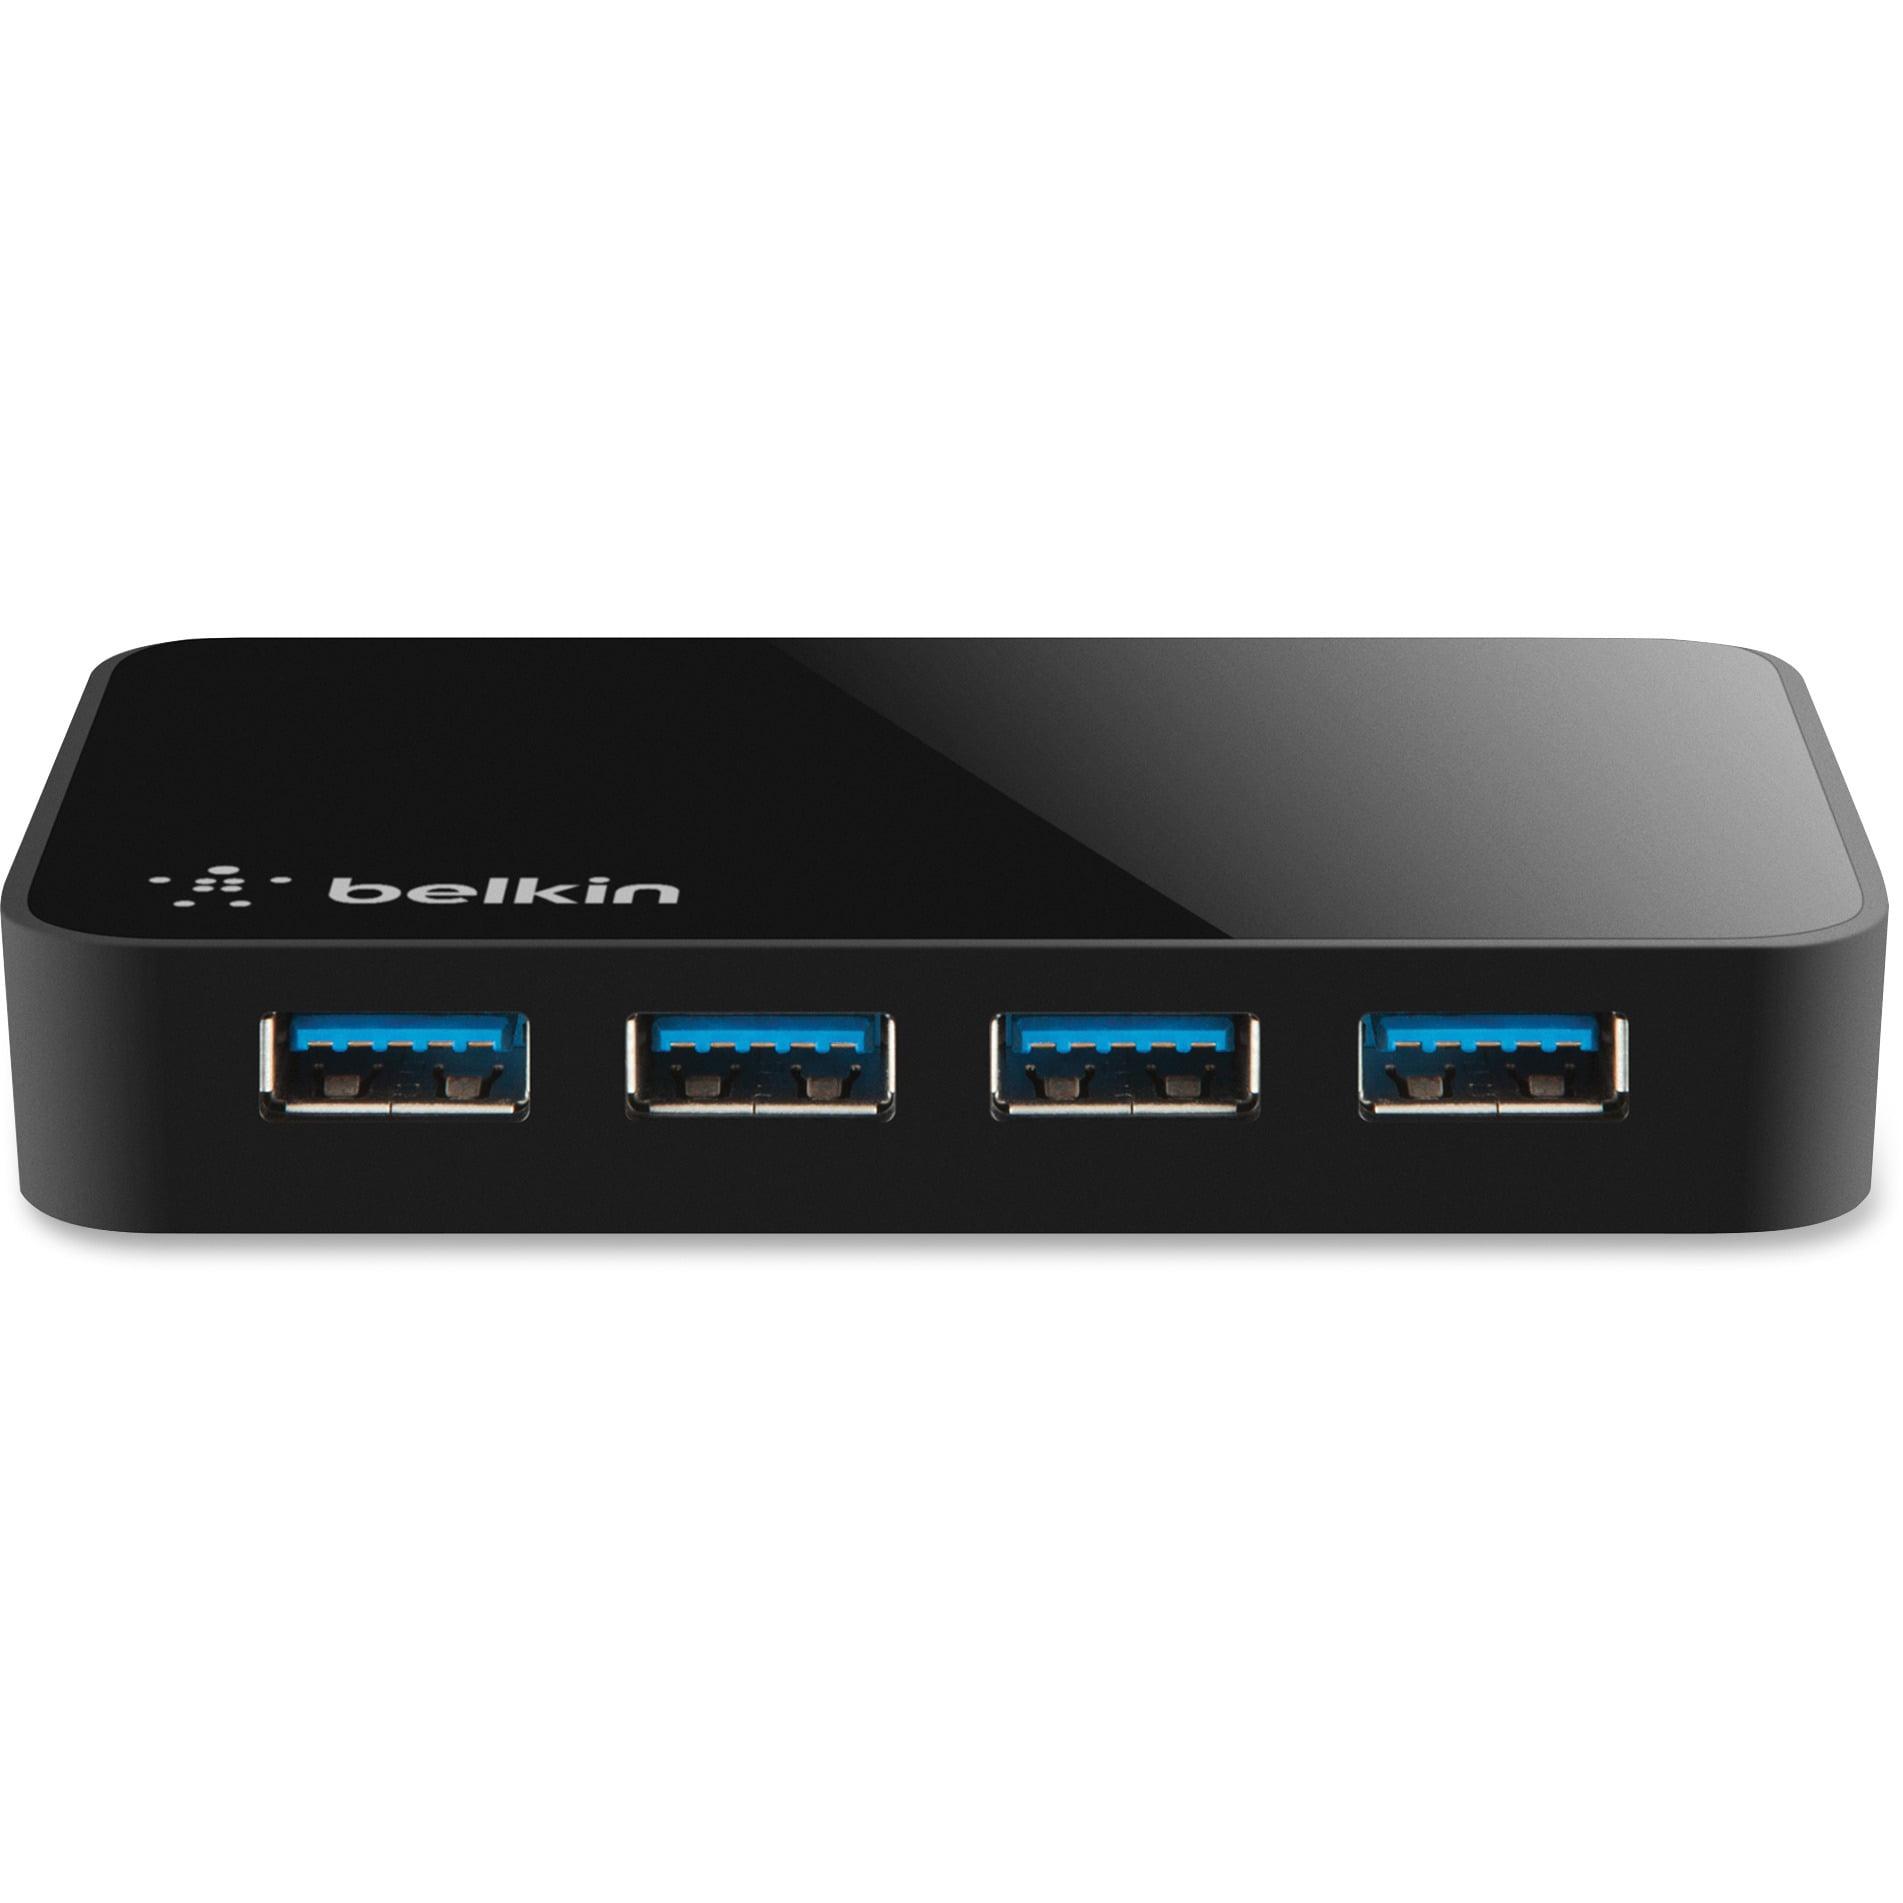 Belkin, BLKF4U058TT, SuperSpeed USB 3.0 4-port Hub, 1 by Belkin